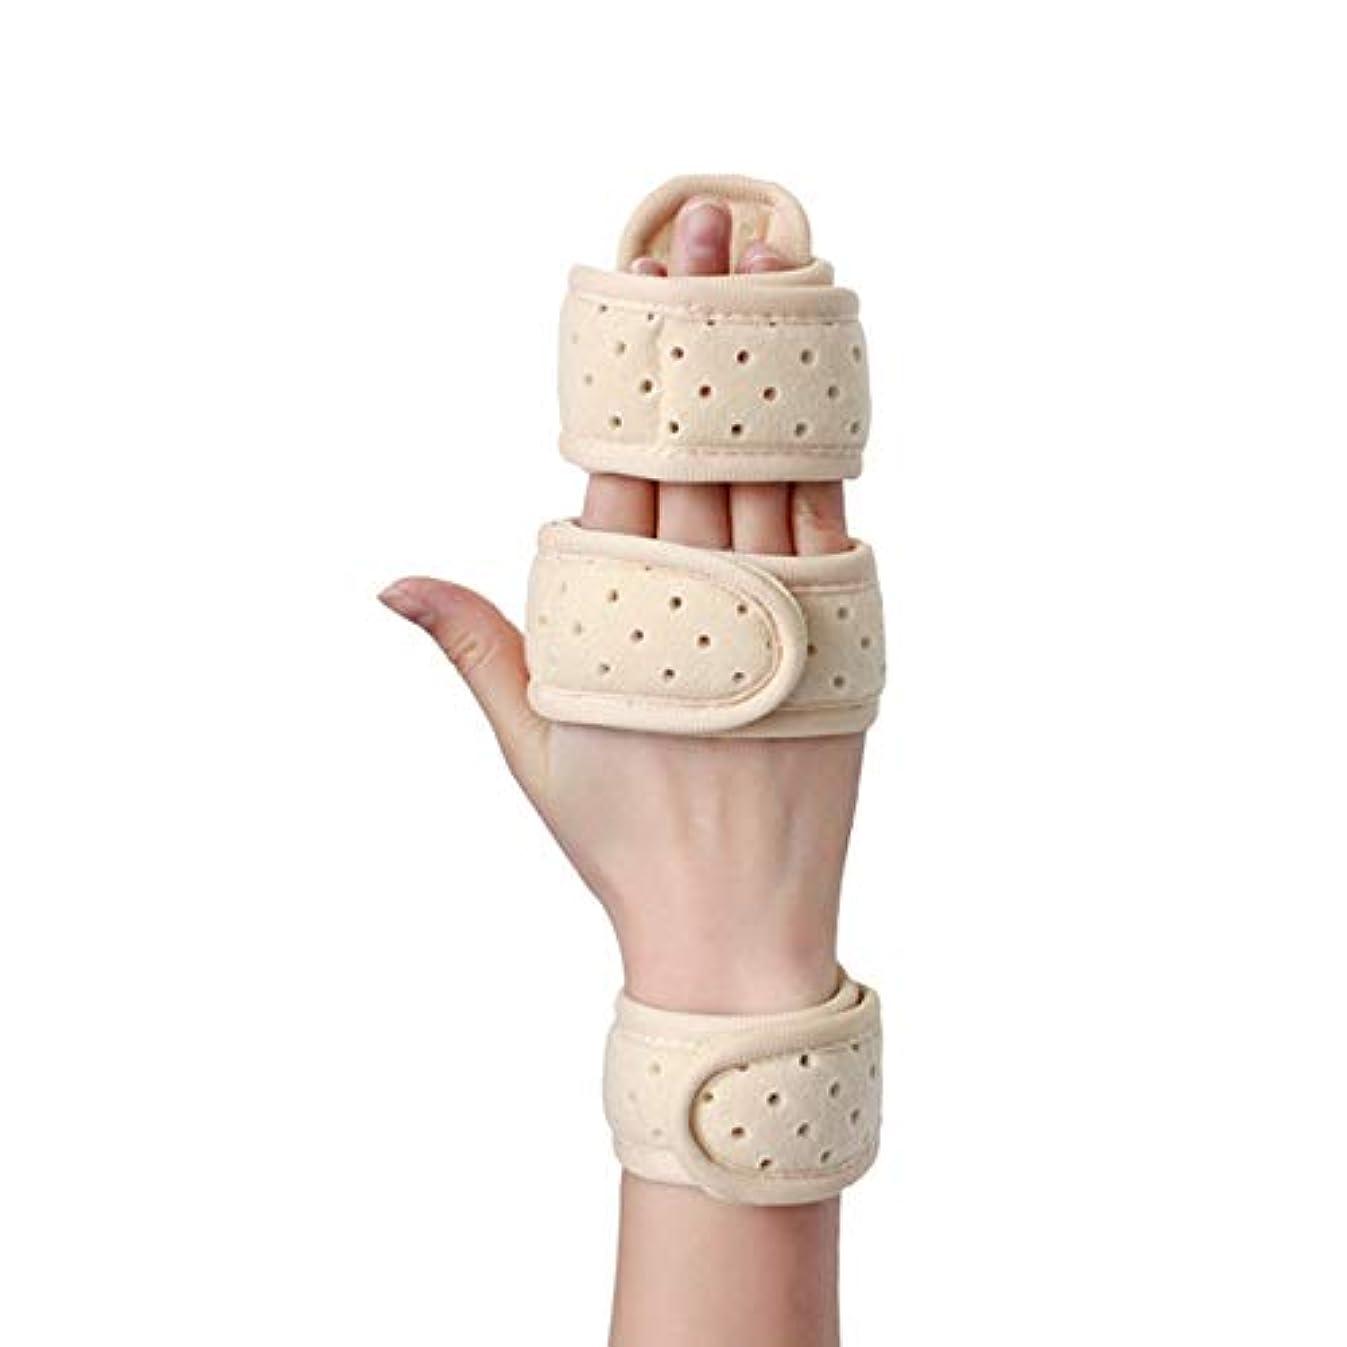 遠い動物ラショナル手首装具、医療用リストバンド、関節炎および腱炎用の快適で調整可能な手首支持装具、痛みを軽減する手首圧迫ラップ